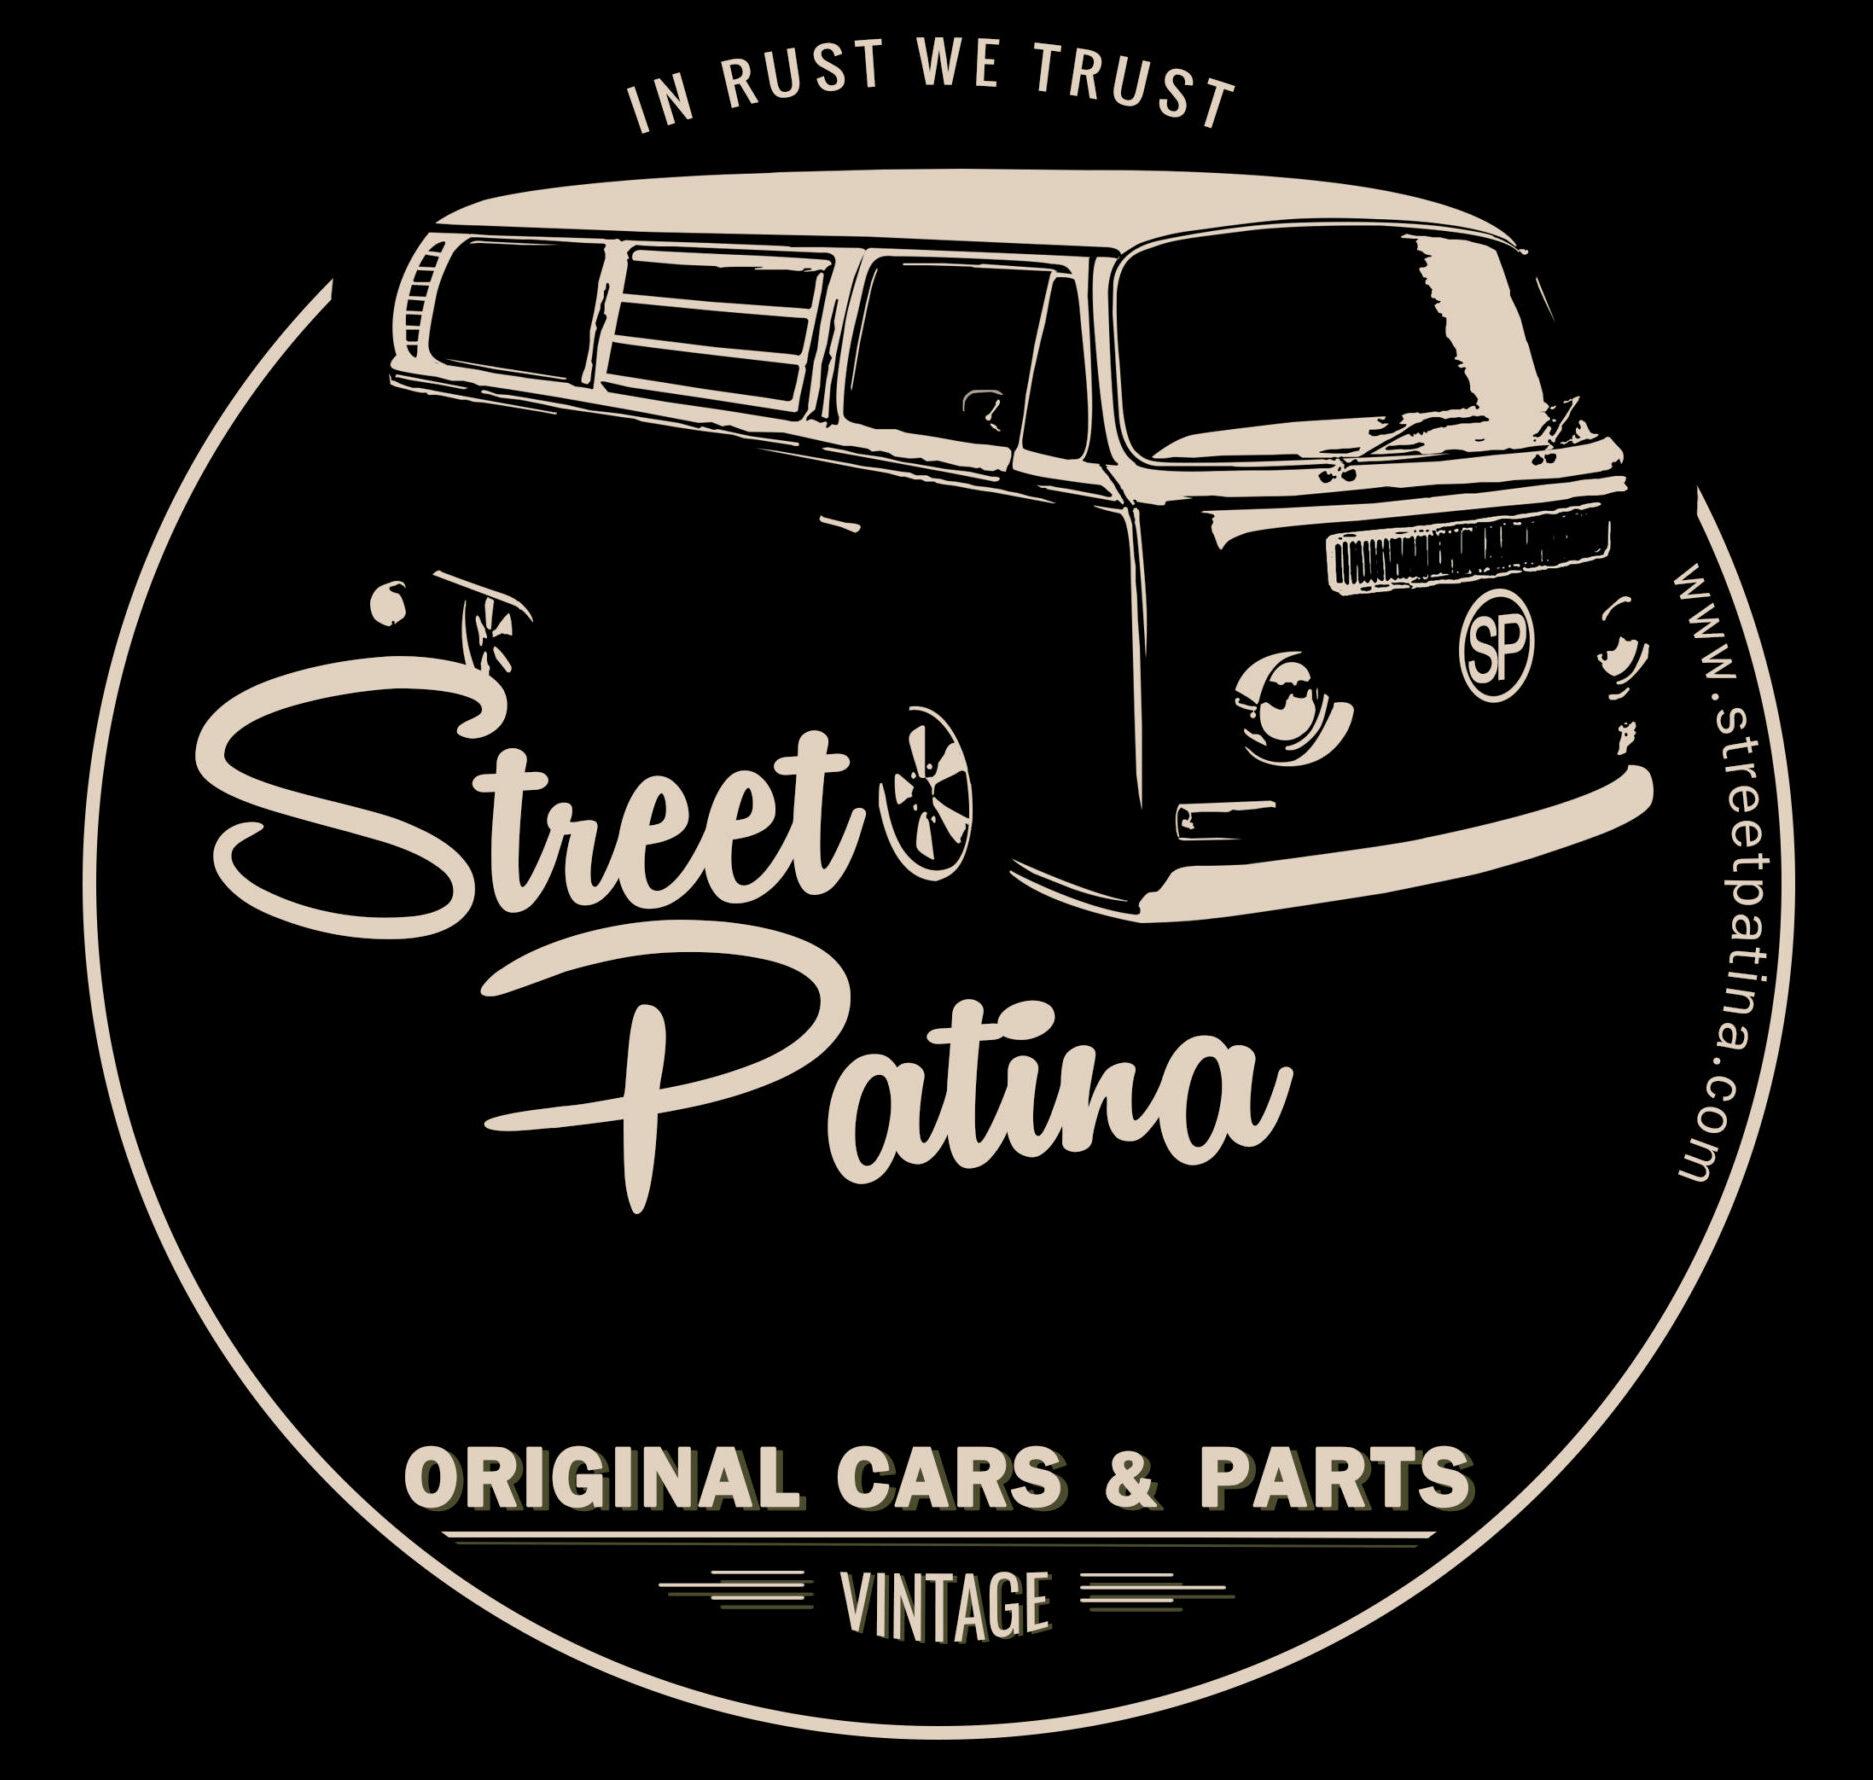 Street Patina